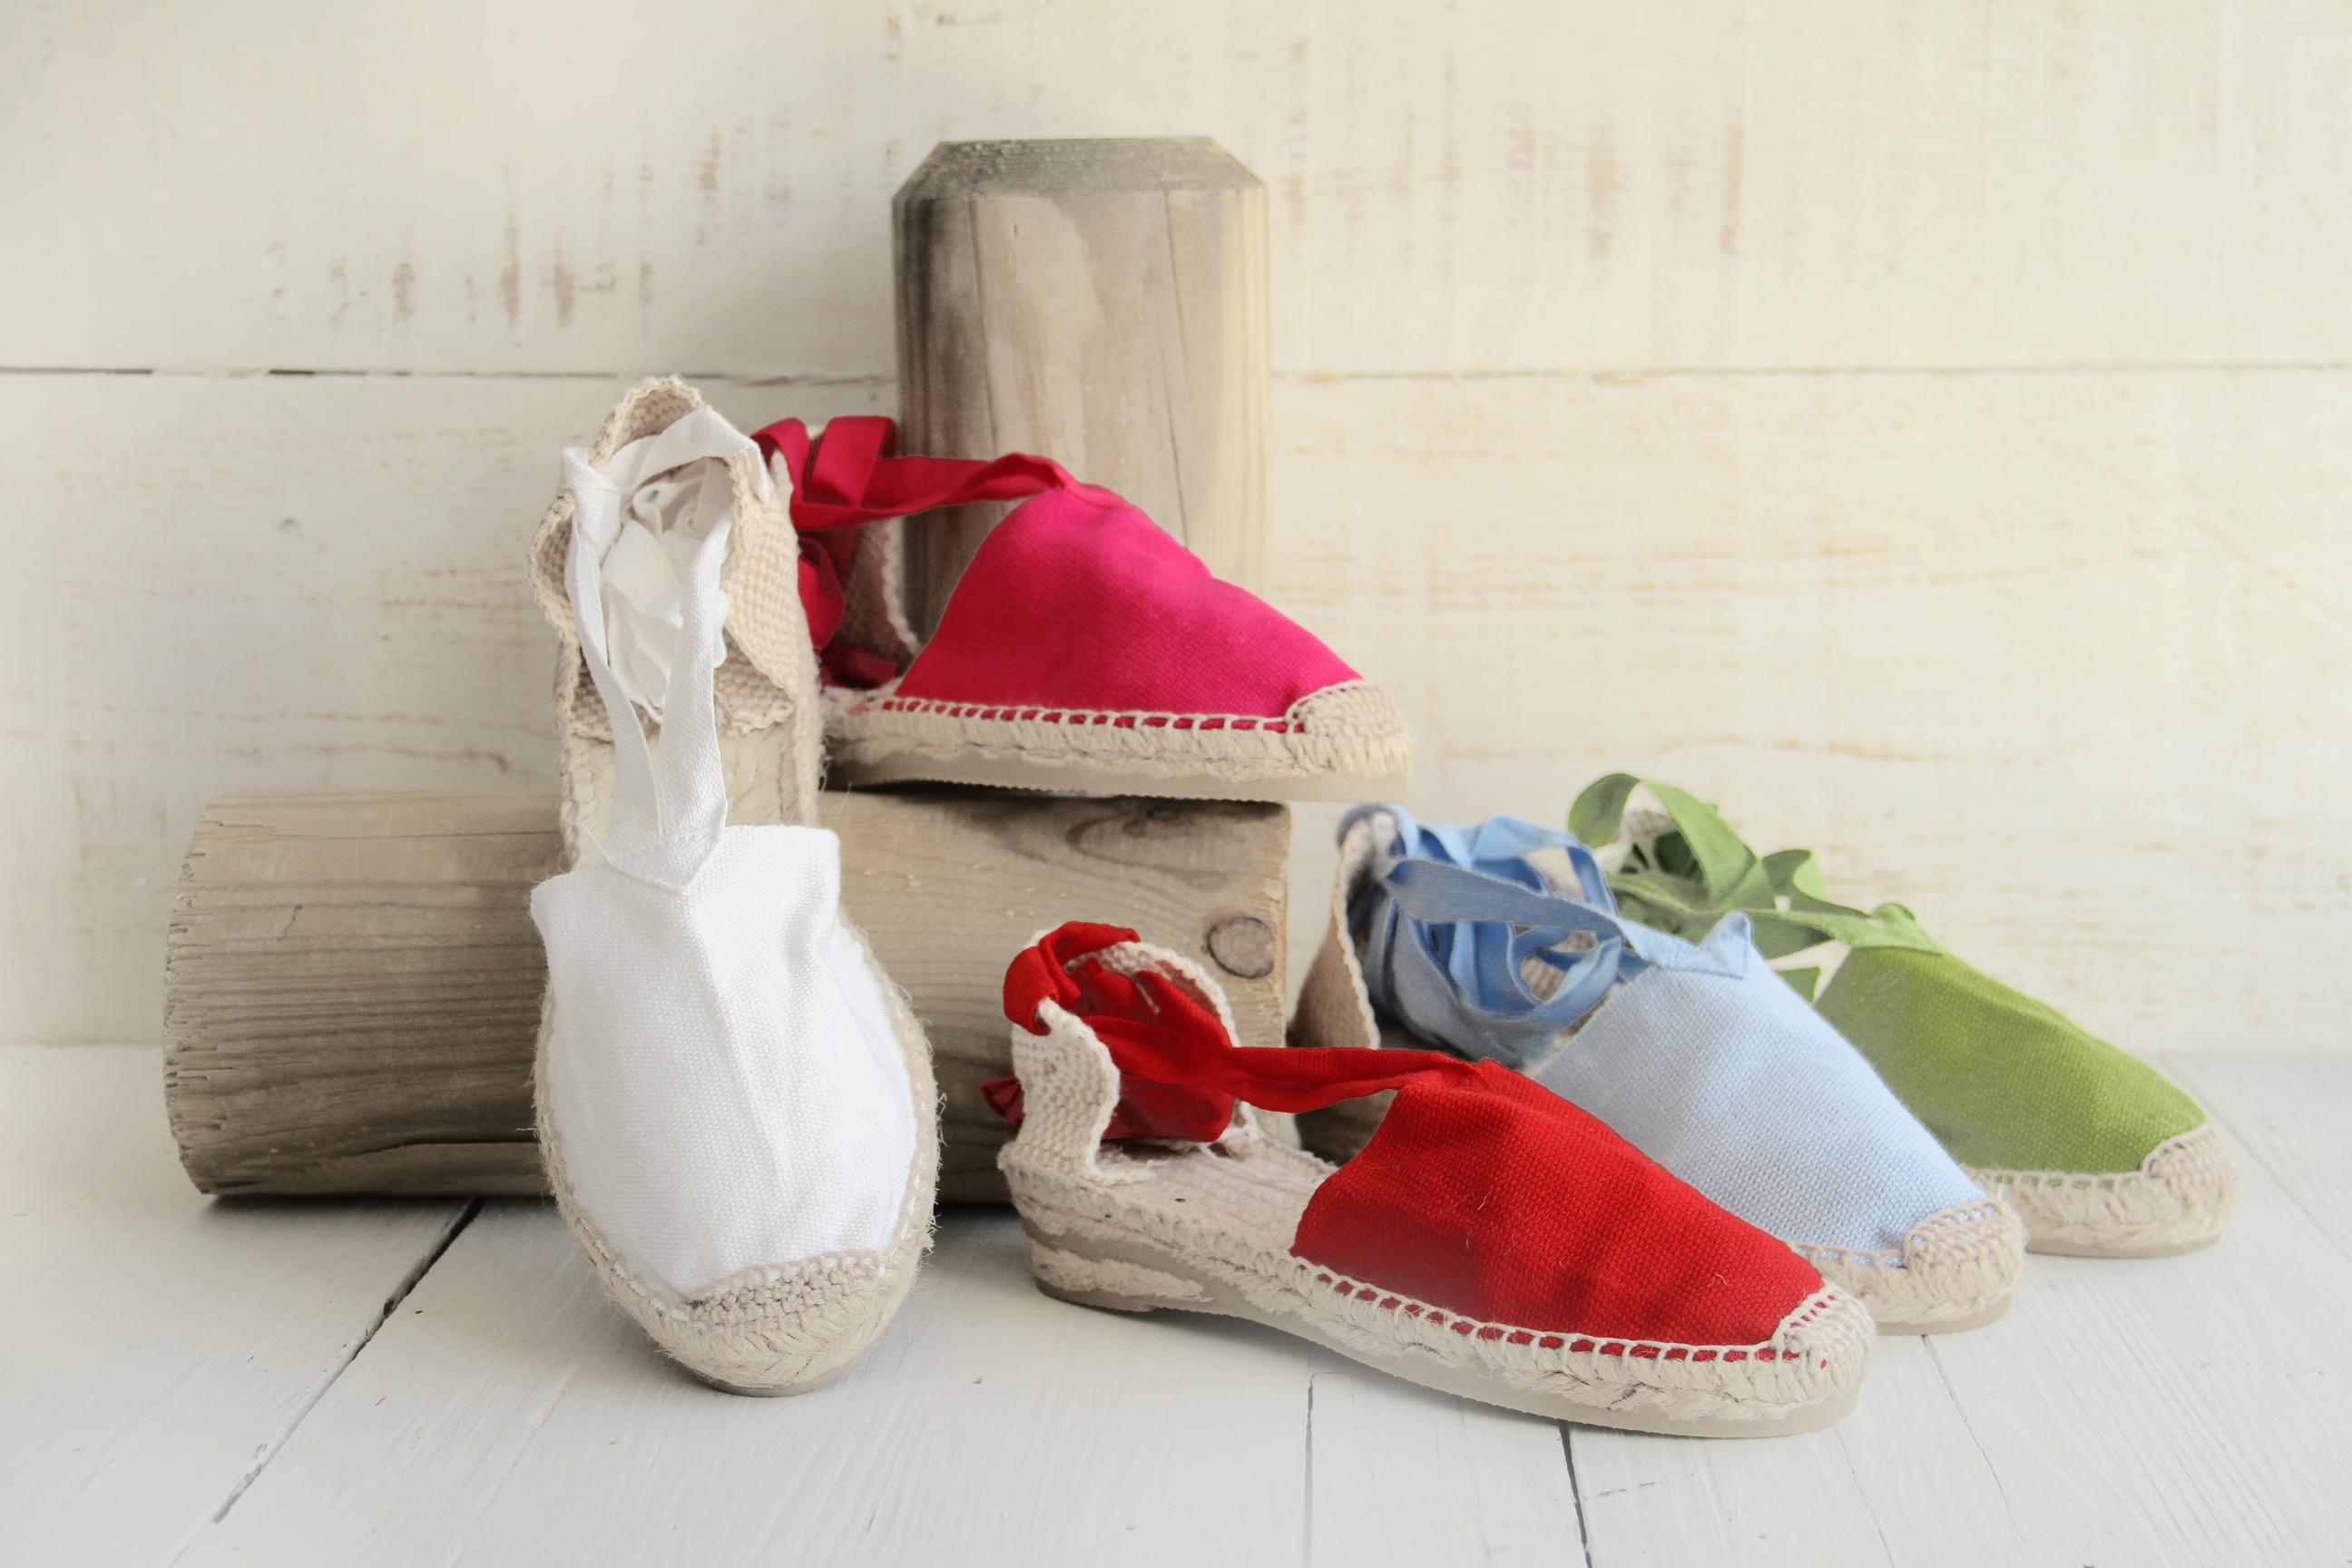 Hace ahora un año nacía un innovador concepto de zapatería infantil que tenía un objetivo muy concreto ofrecer zapatos para niños y niñas de calidad